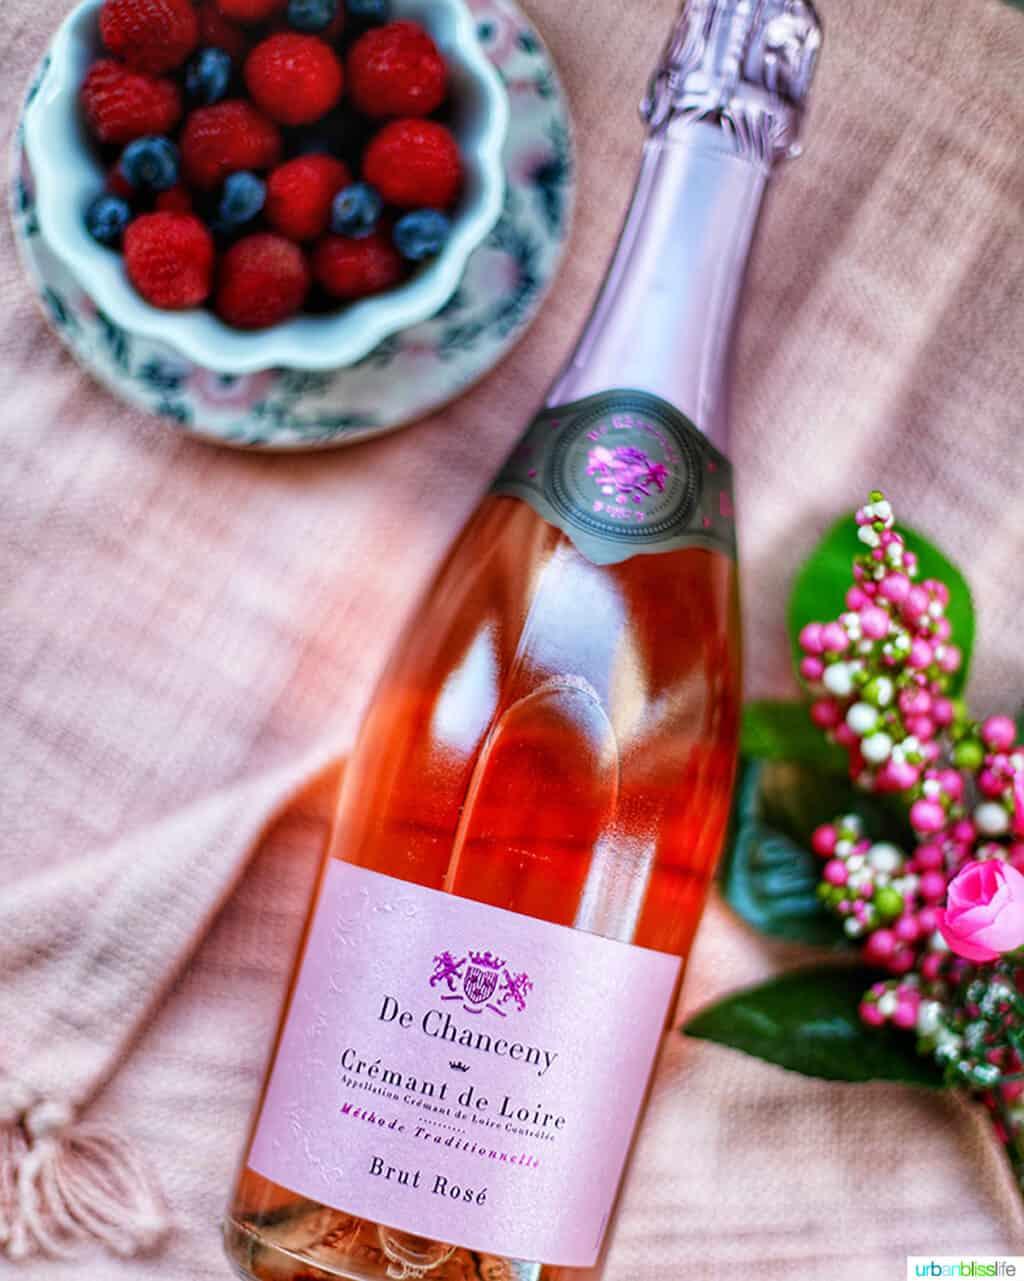 De Chanceney Cremant de Loire bottle with flowers and bowl of fruit